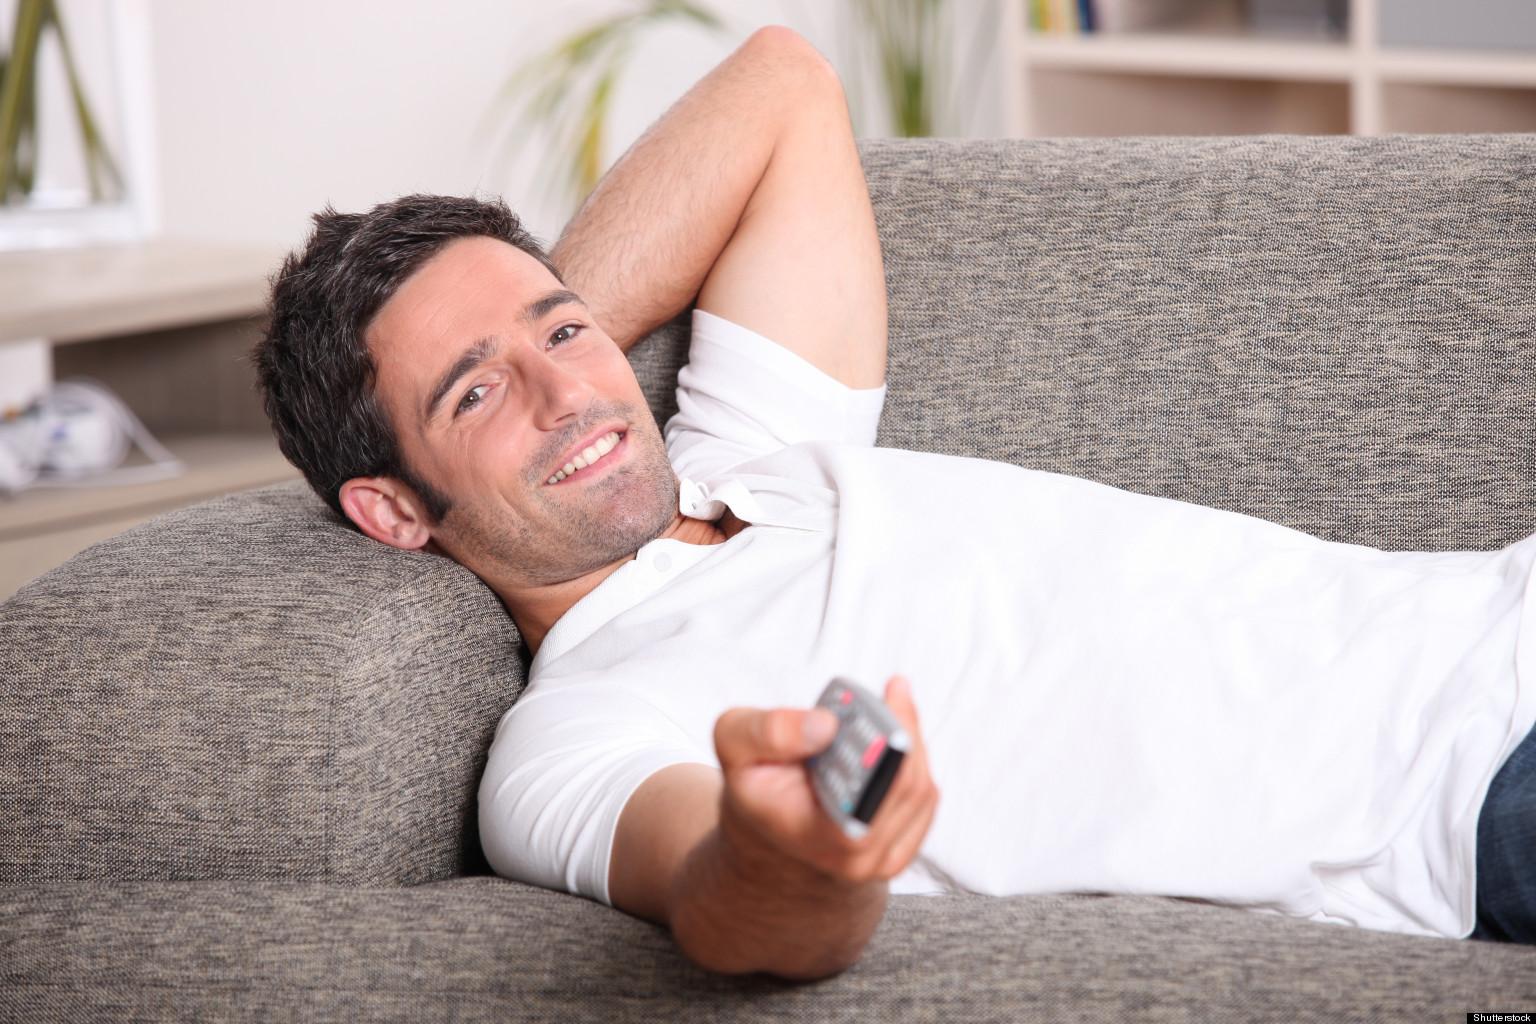 Фото мужик лежит на диване 11 фотография